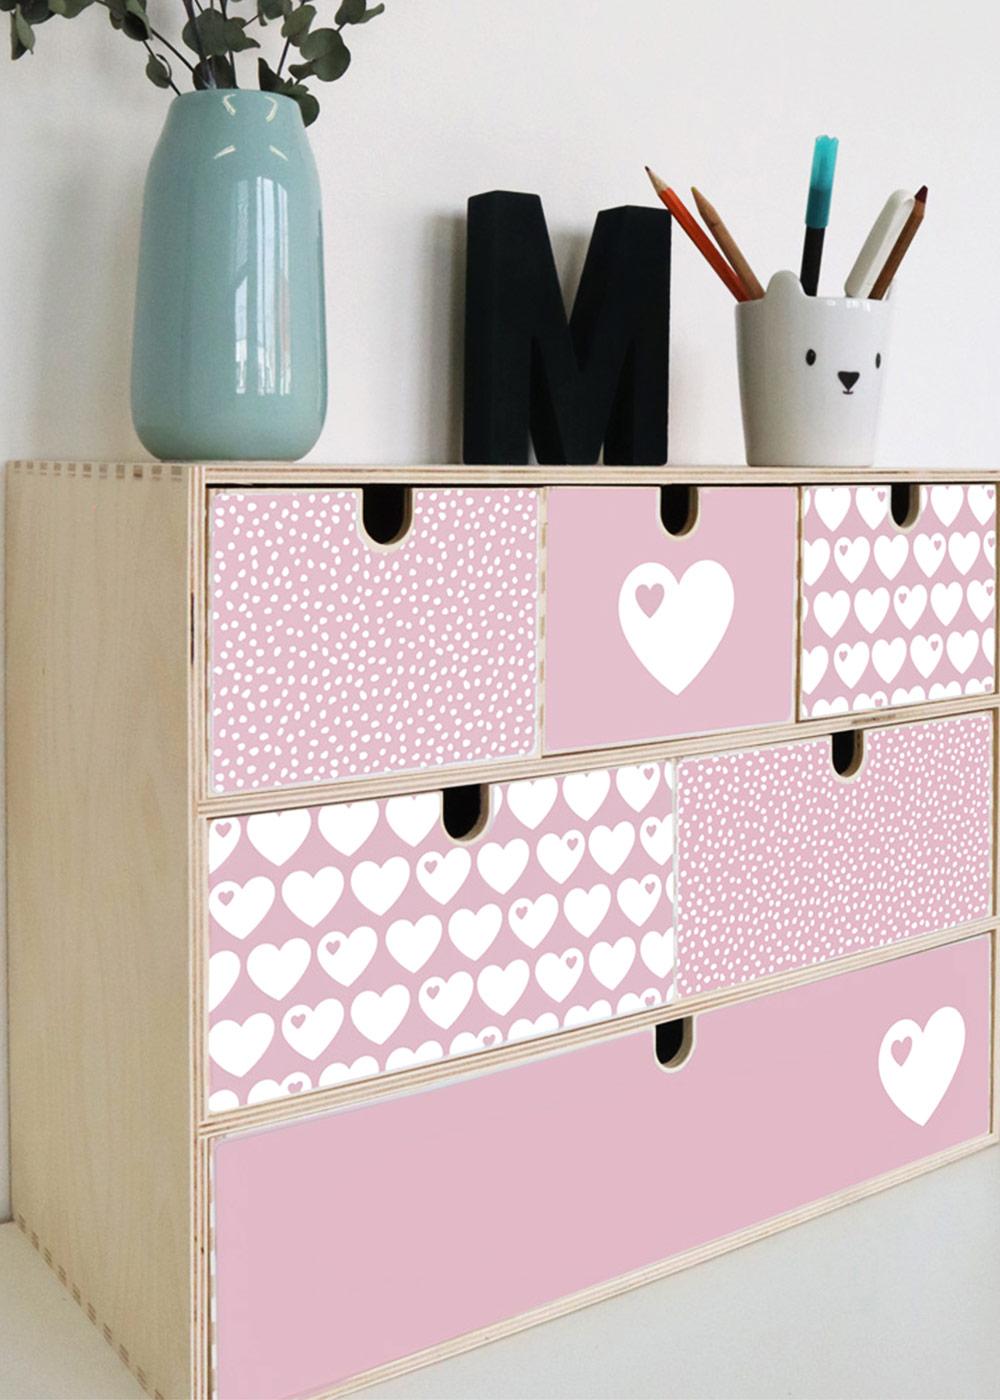 Klebefolie Ikea große Moppe ByGraziela Herz rosa Einrichtungsbeispiel Seitenansicht